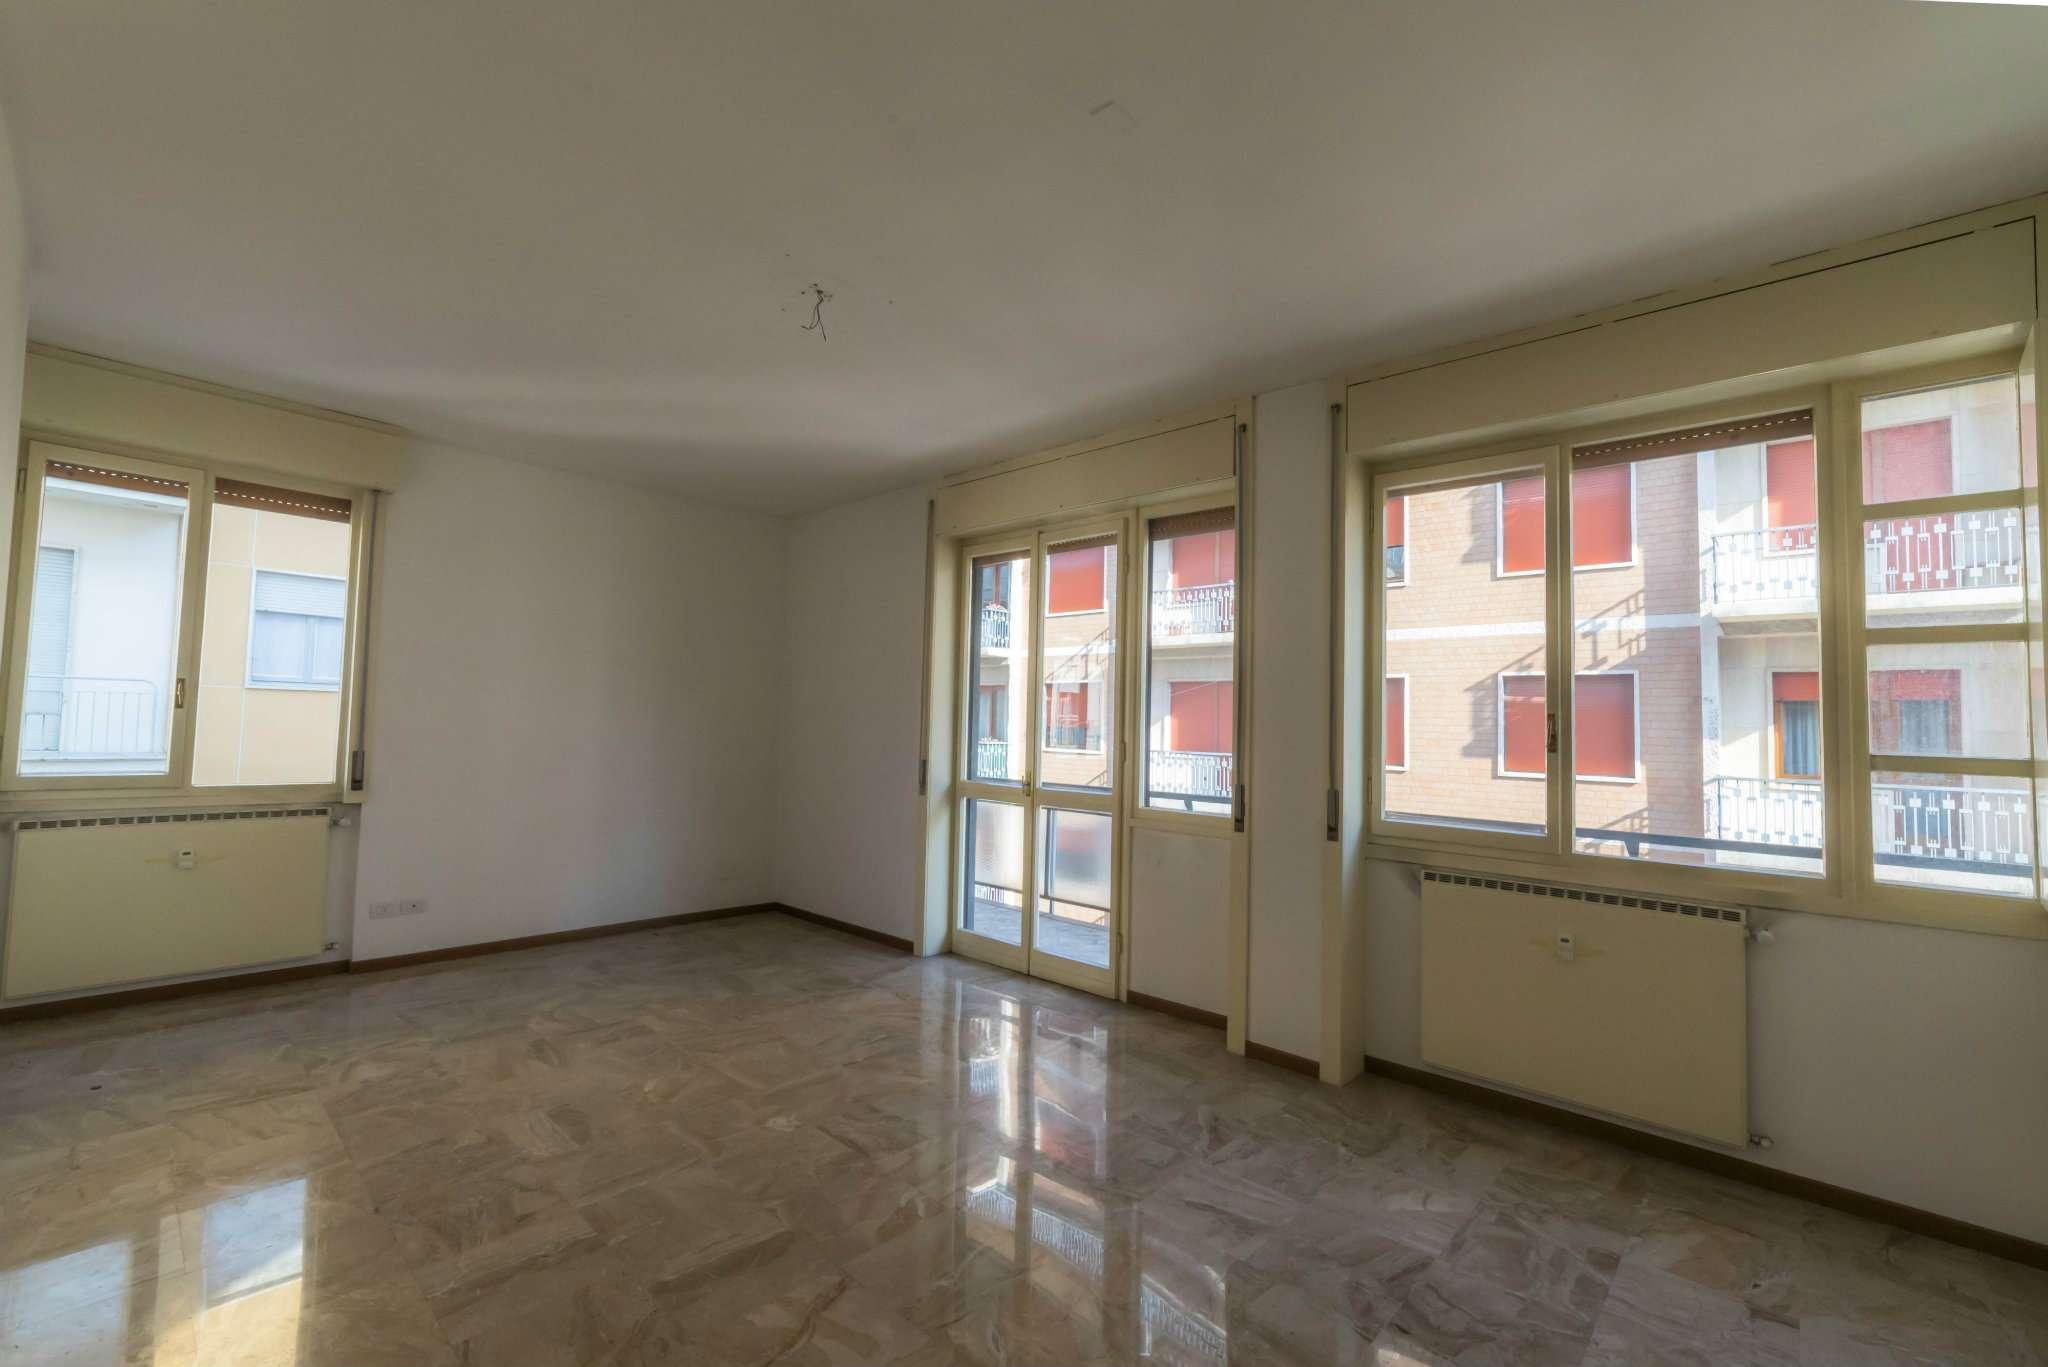 Appartamento in vendita a Bergamo, 4 locali, prezzo € 495.000 | CambioCasa.it